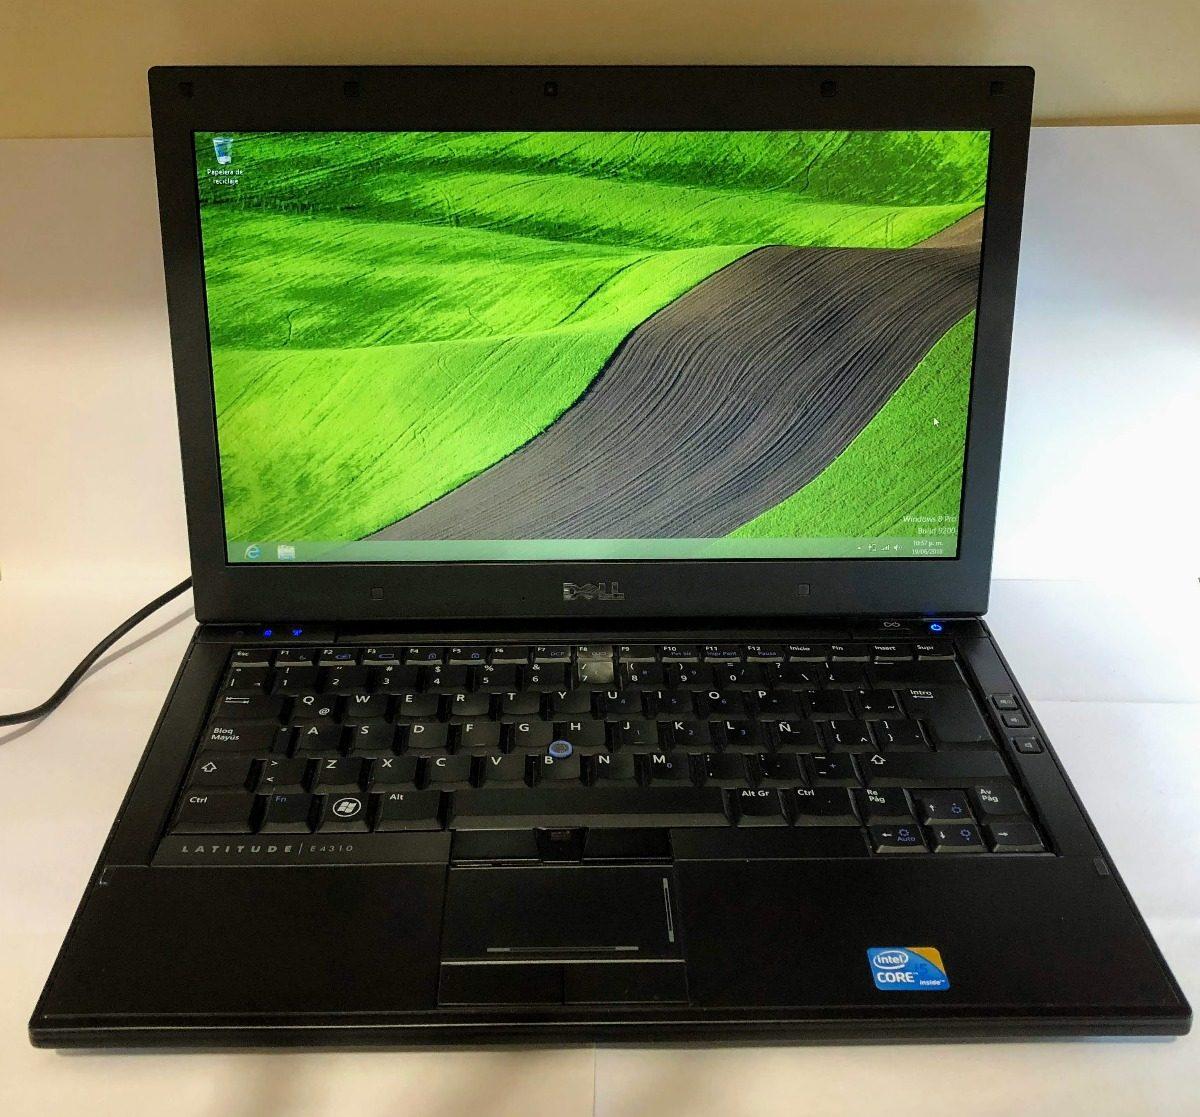 Dell Latitude E4310 Intel PROSet/Wireless Drivers for Windows XP